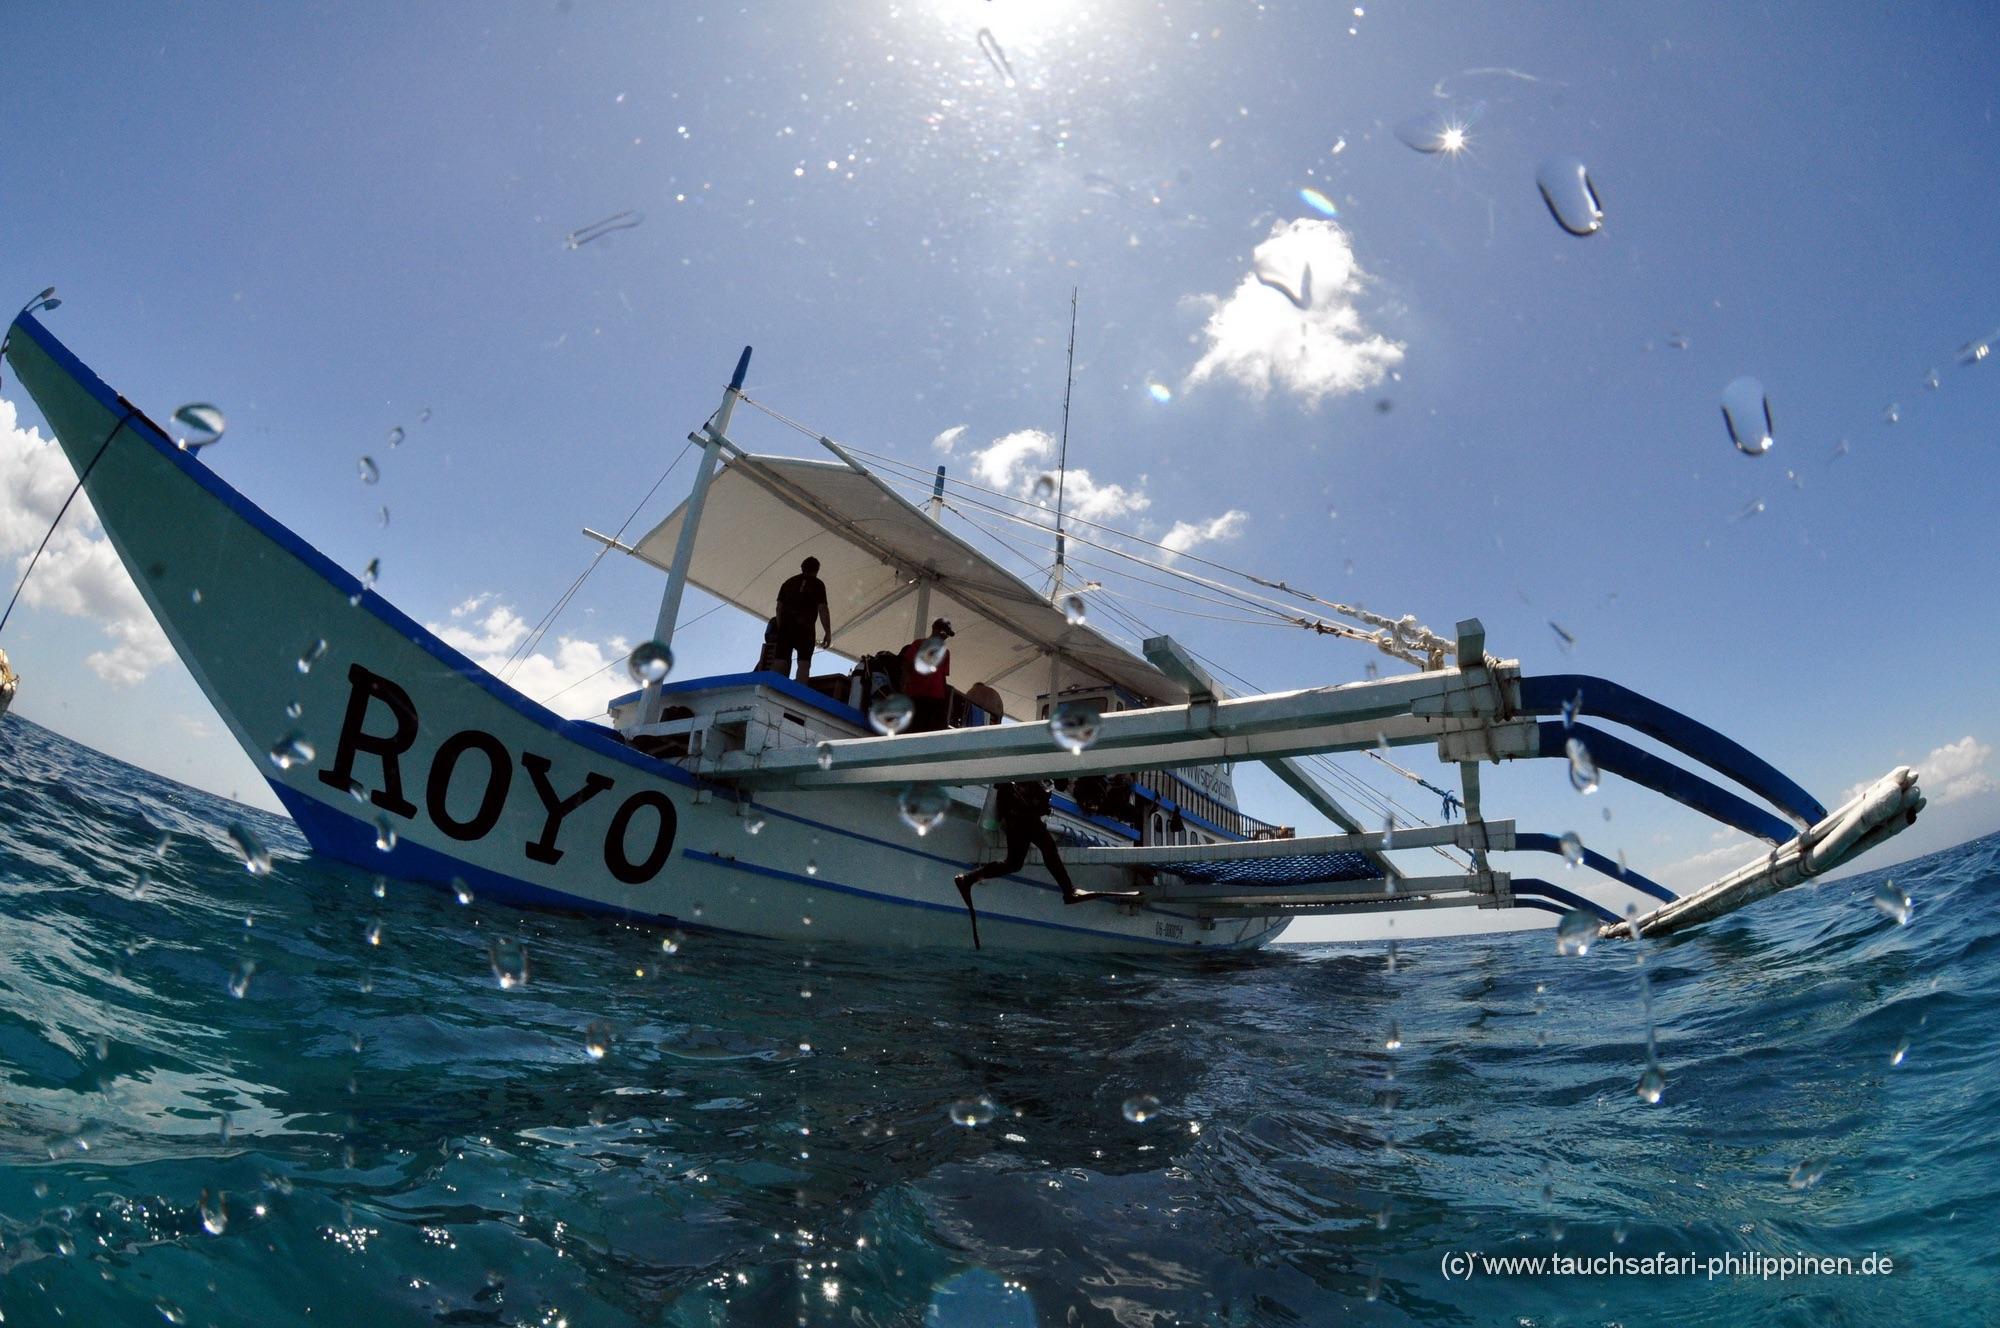 """Royo, un des deux bateaux de safari traditionnels philippins. On les appelle """"Bankas""""."""